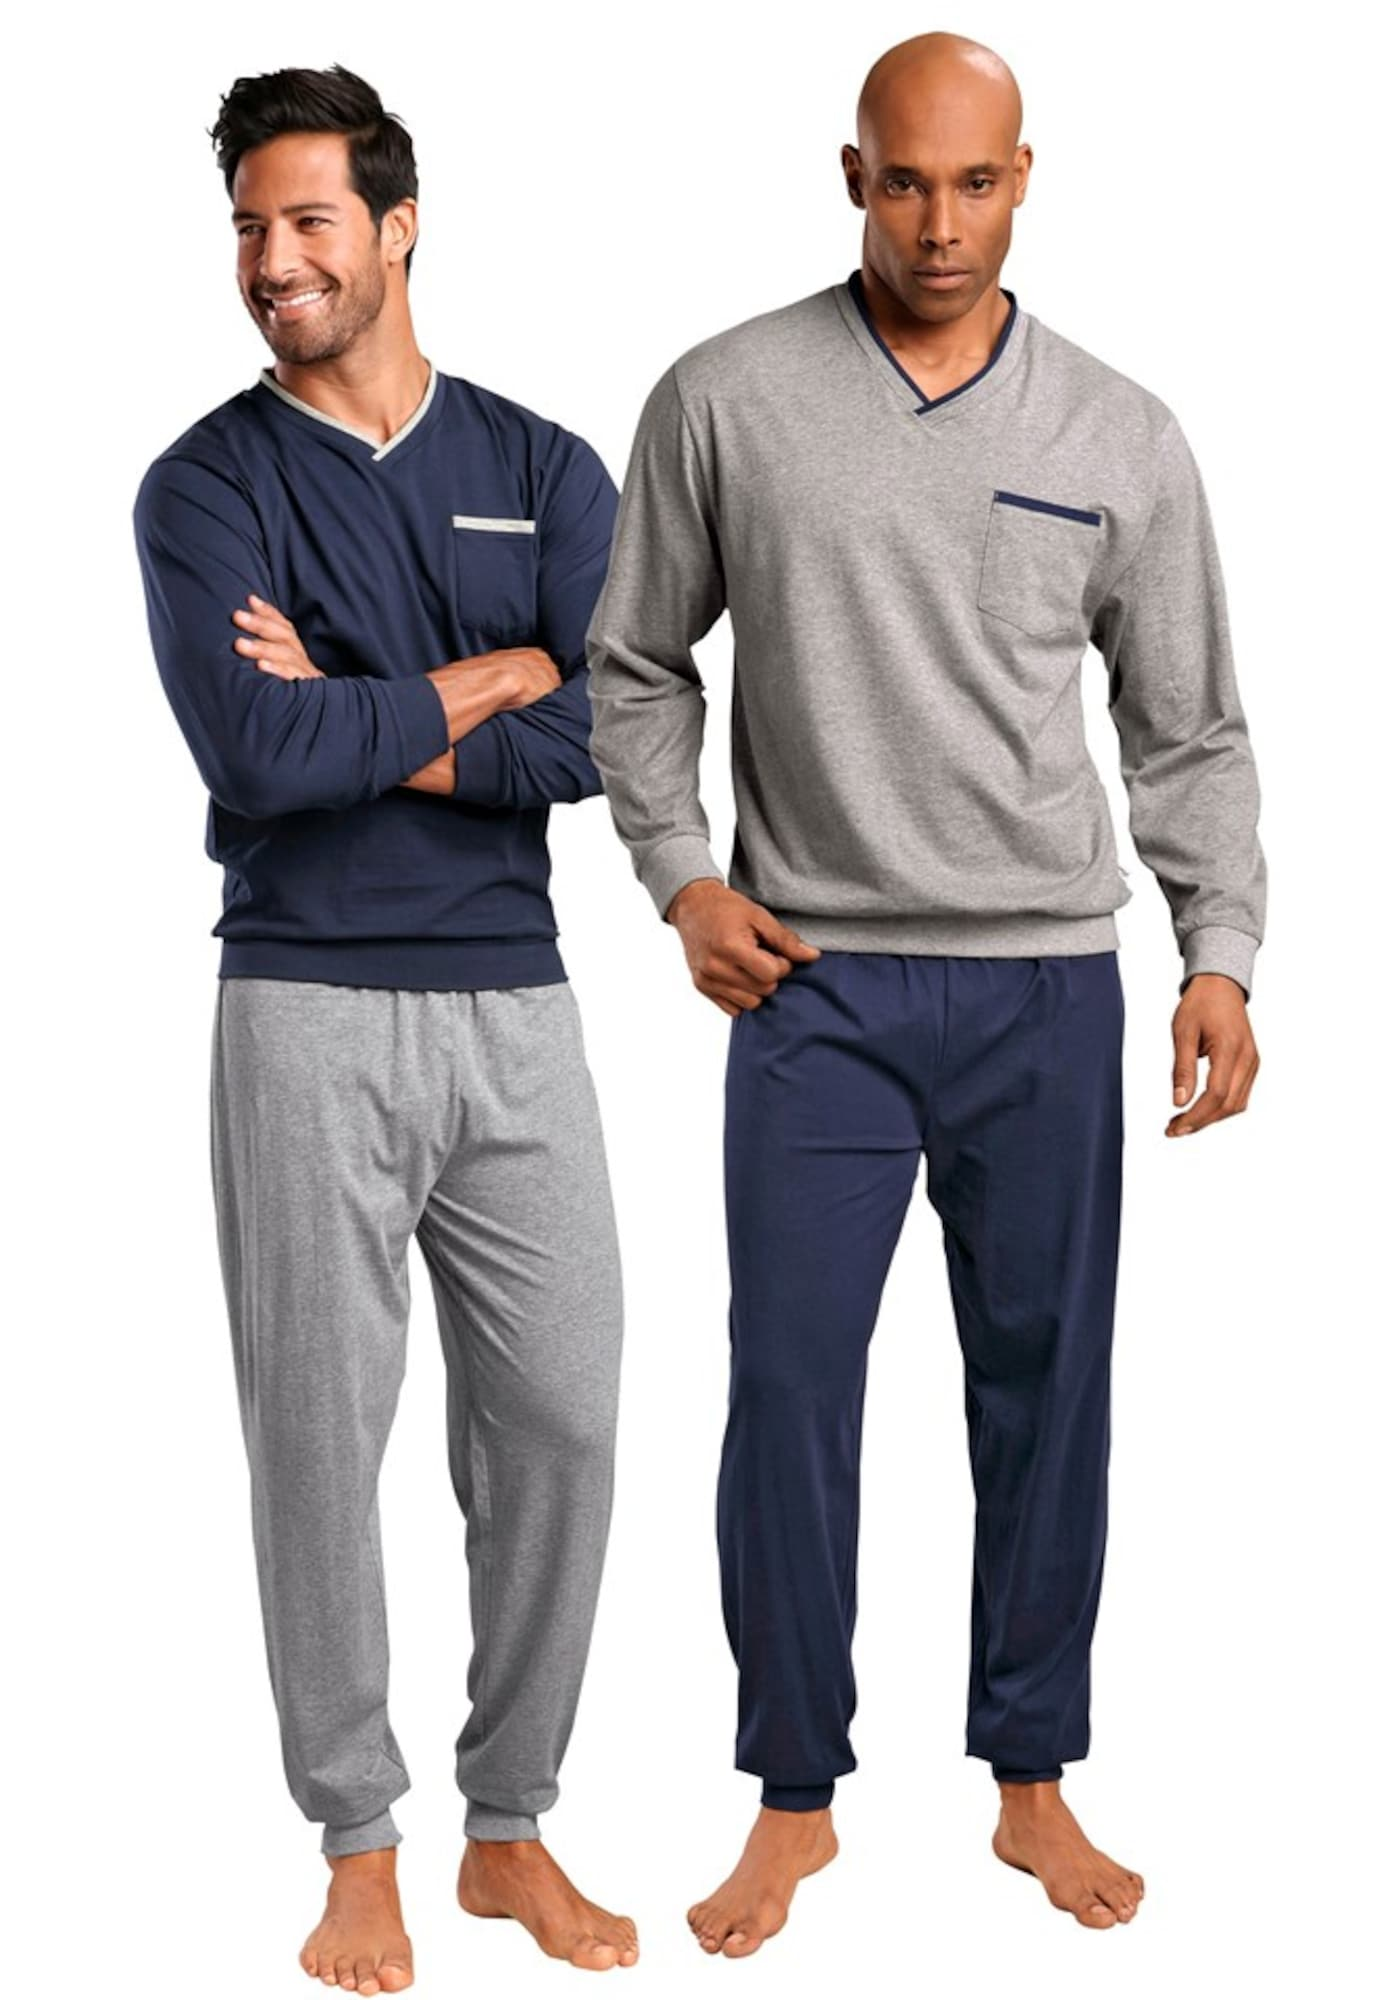 Pyjama | Bekleidung > Wäsche > Nachtwäsche | Grau | LE JOGGER